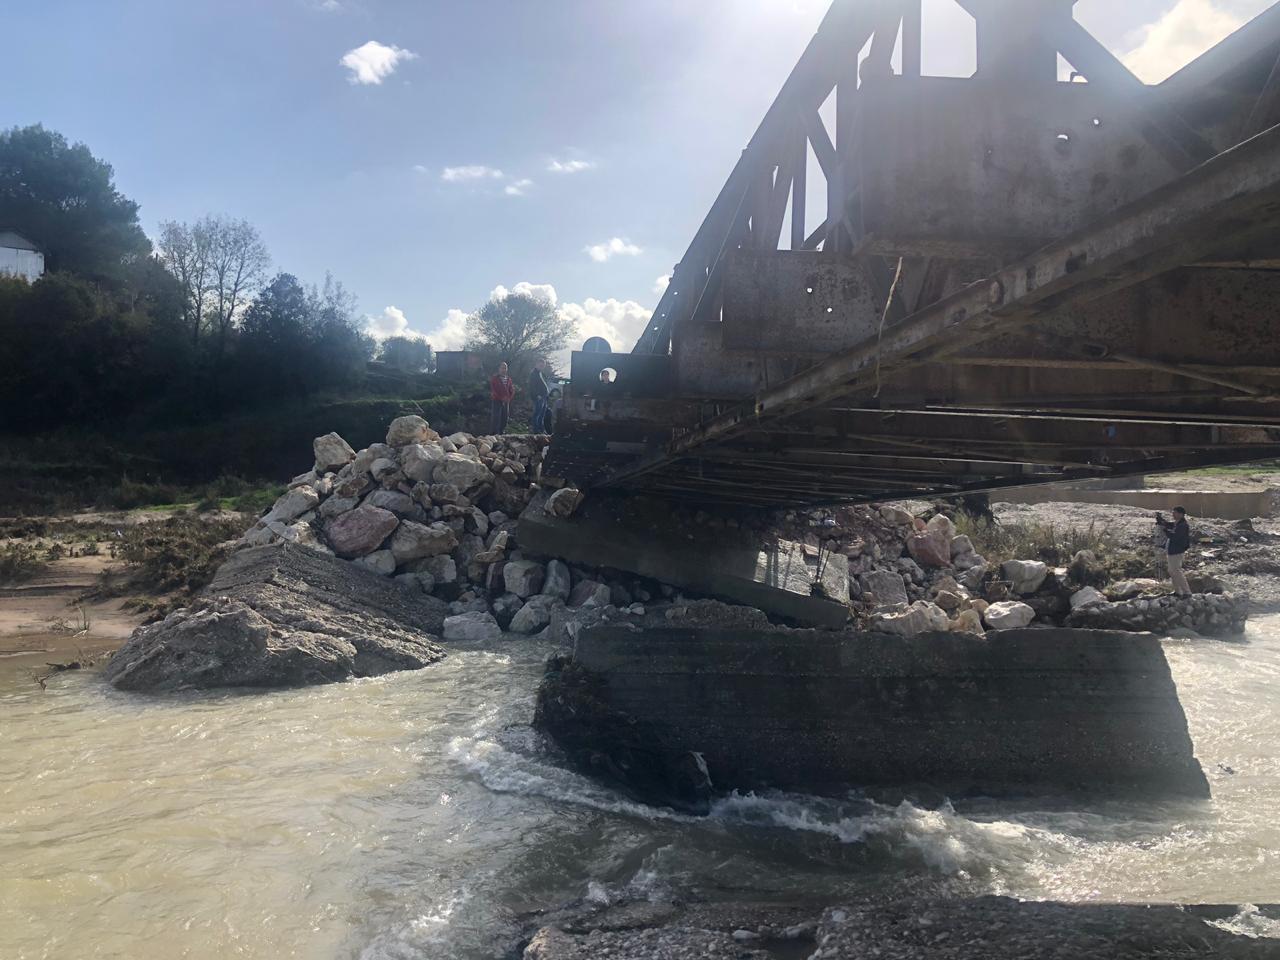 Ministria e Mbrojtjes: Forcat e Armatosura do ndërtojnë urën e Vanës, për 5 ditë